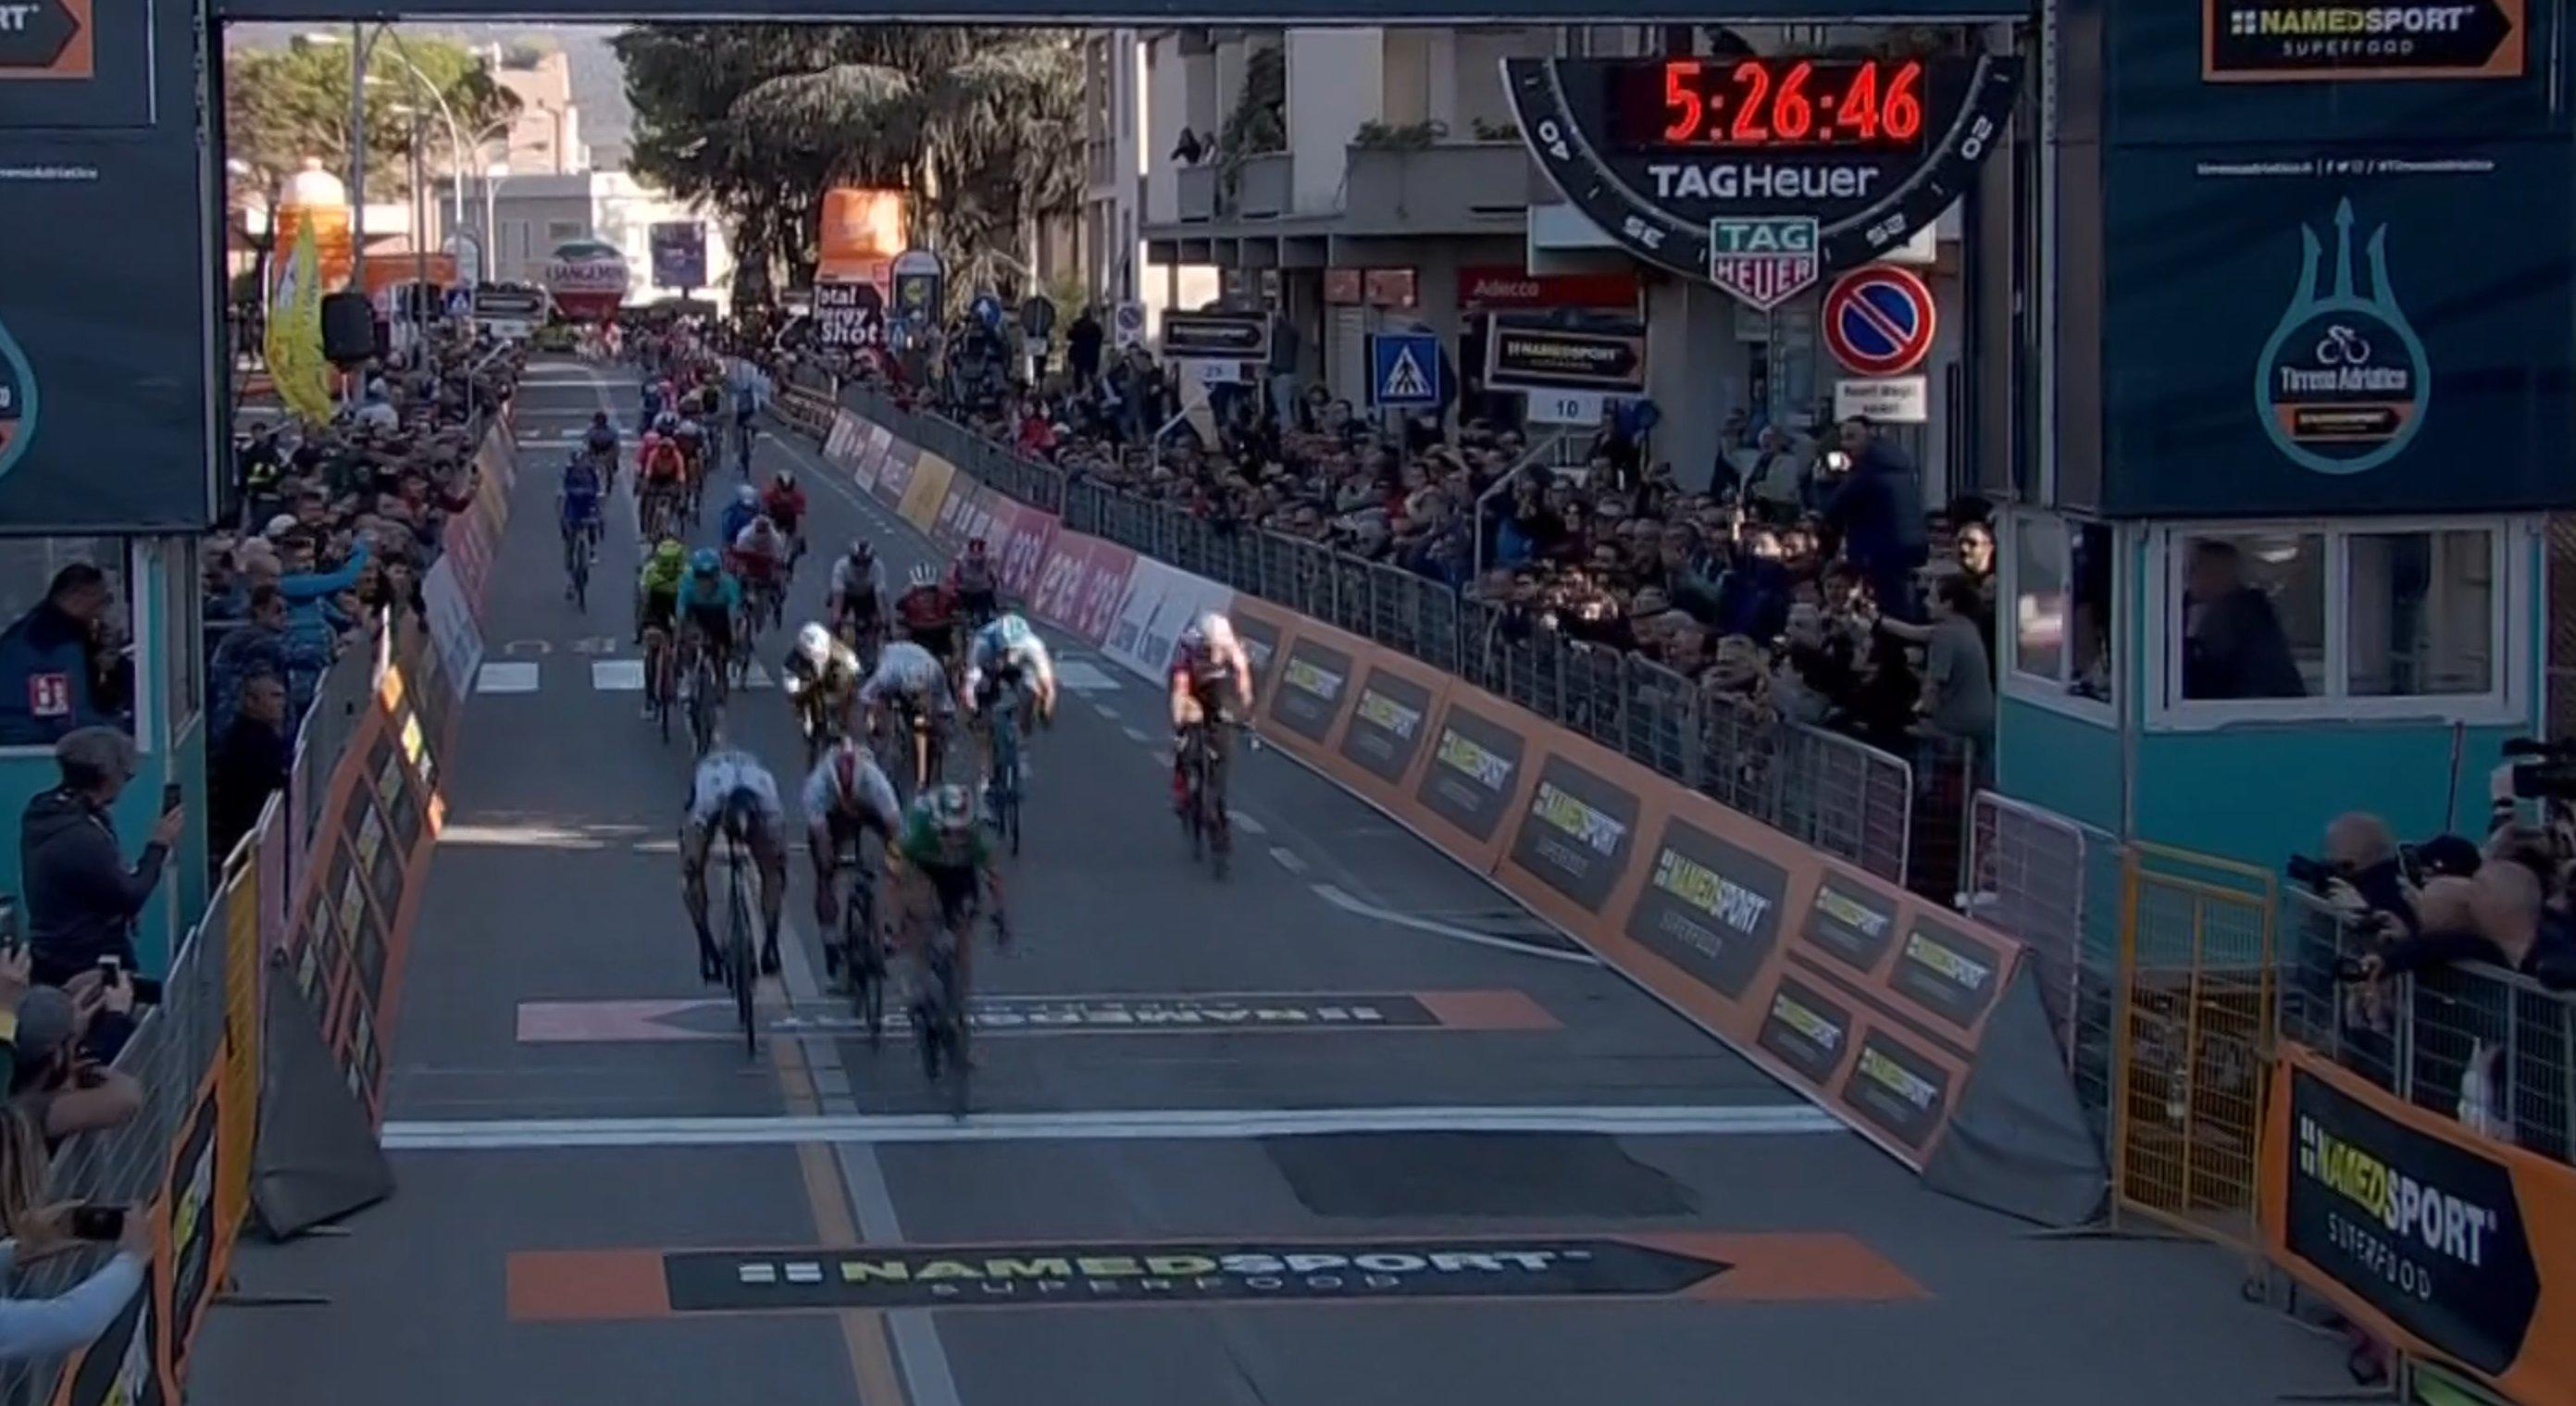 Super Sprint di Elia Viviani alla Tirreno-Adriatico.